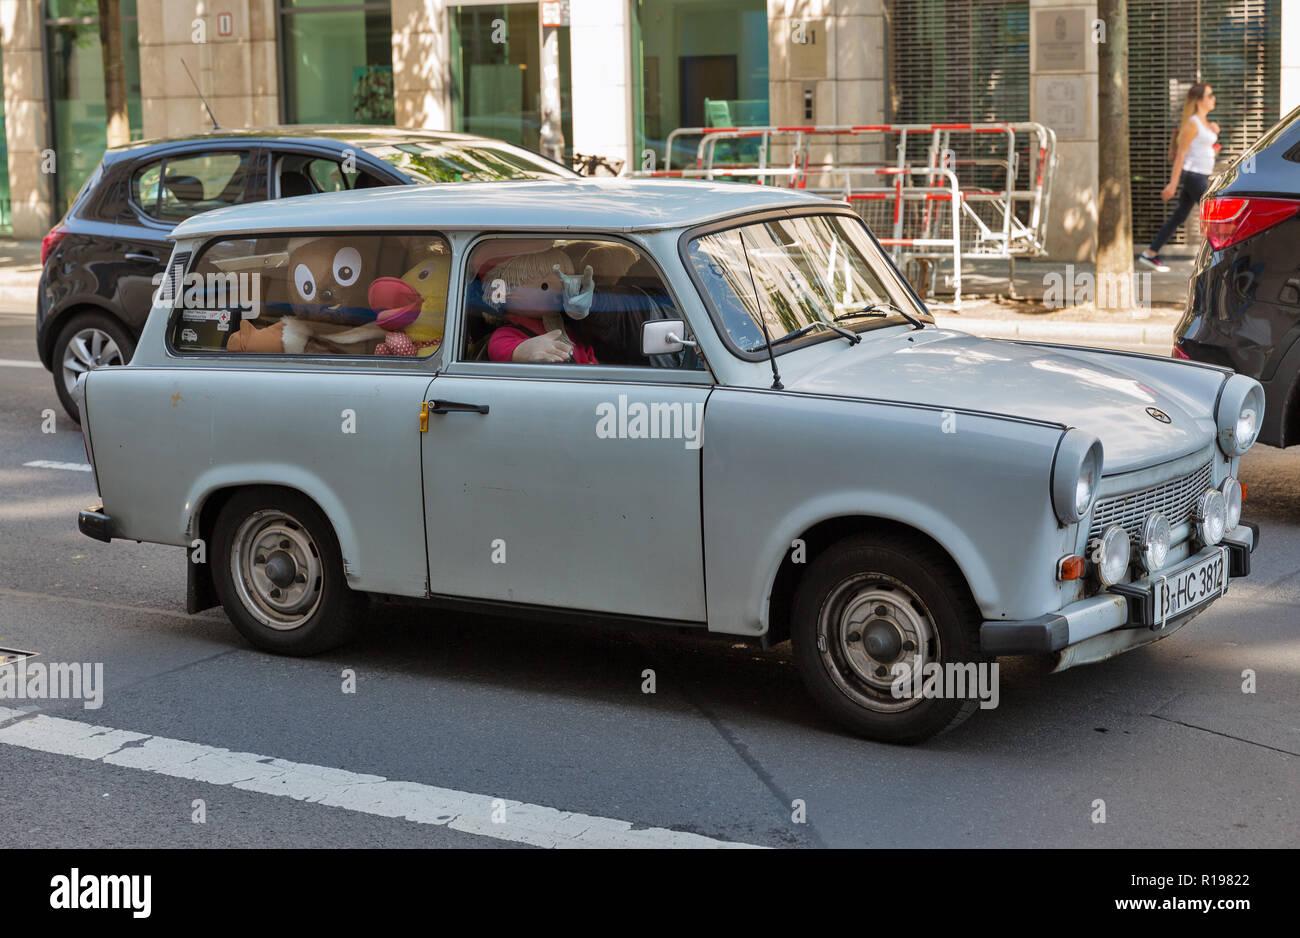 BERLIN, DEUTSCHLAND - 13. JULI 2018: Retro auto Trabant voll cute Puppen im Inneren im zentralen Bezirk Mitte. Es ist ein Automobil, das 1957 hergestellt wurde Stockbild